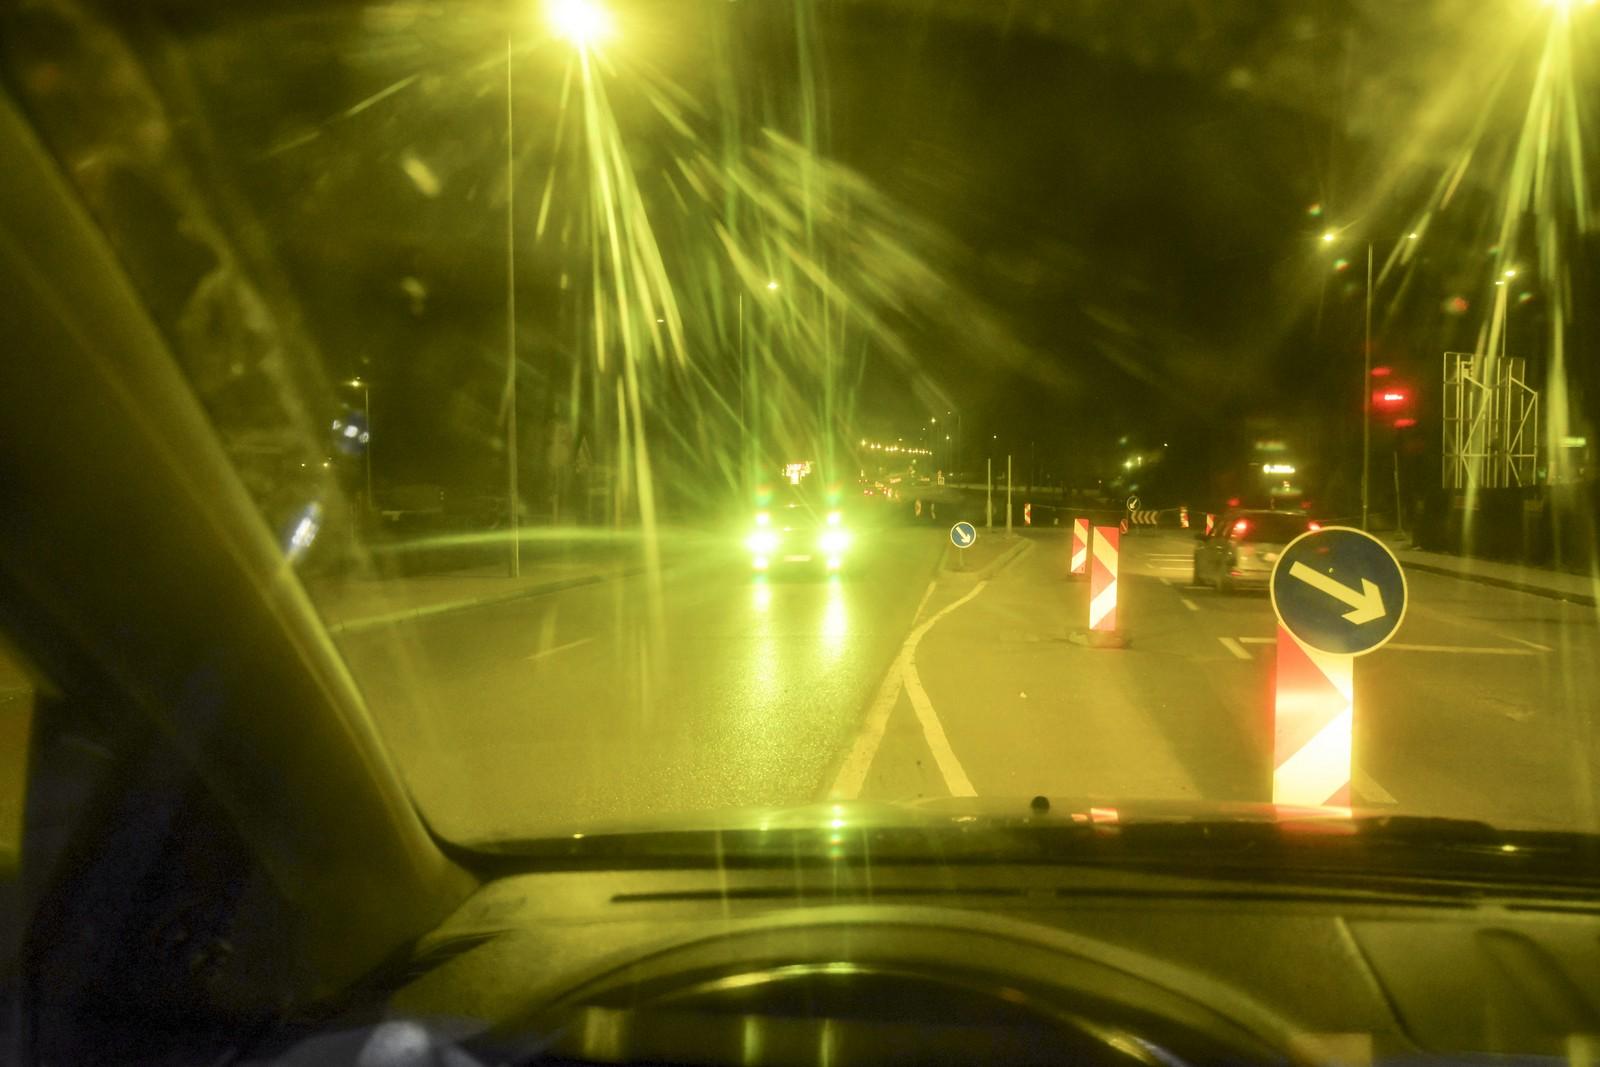 javítja a látást éjszaka Zpr látássérülés esetén